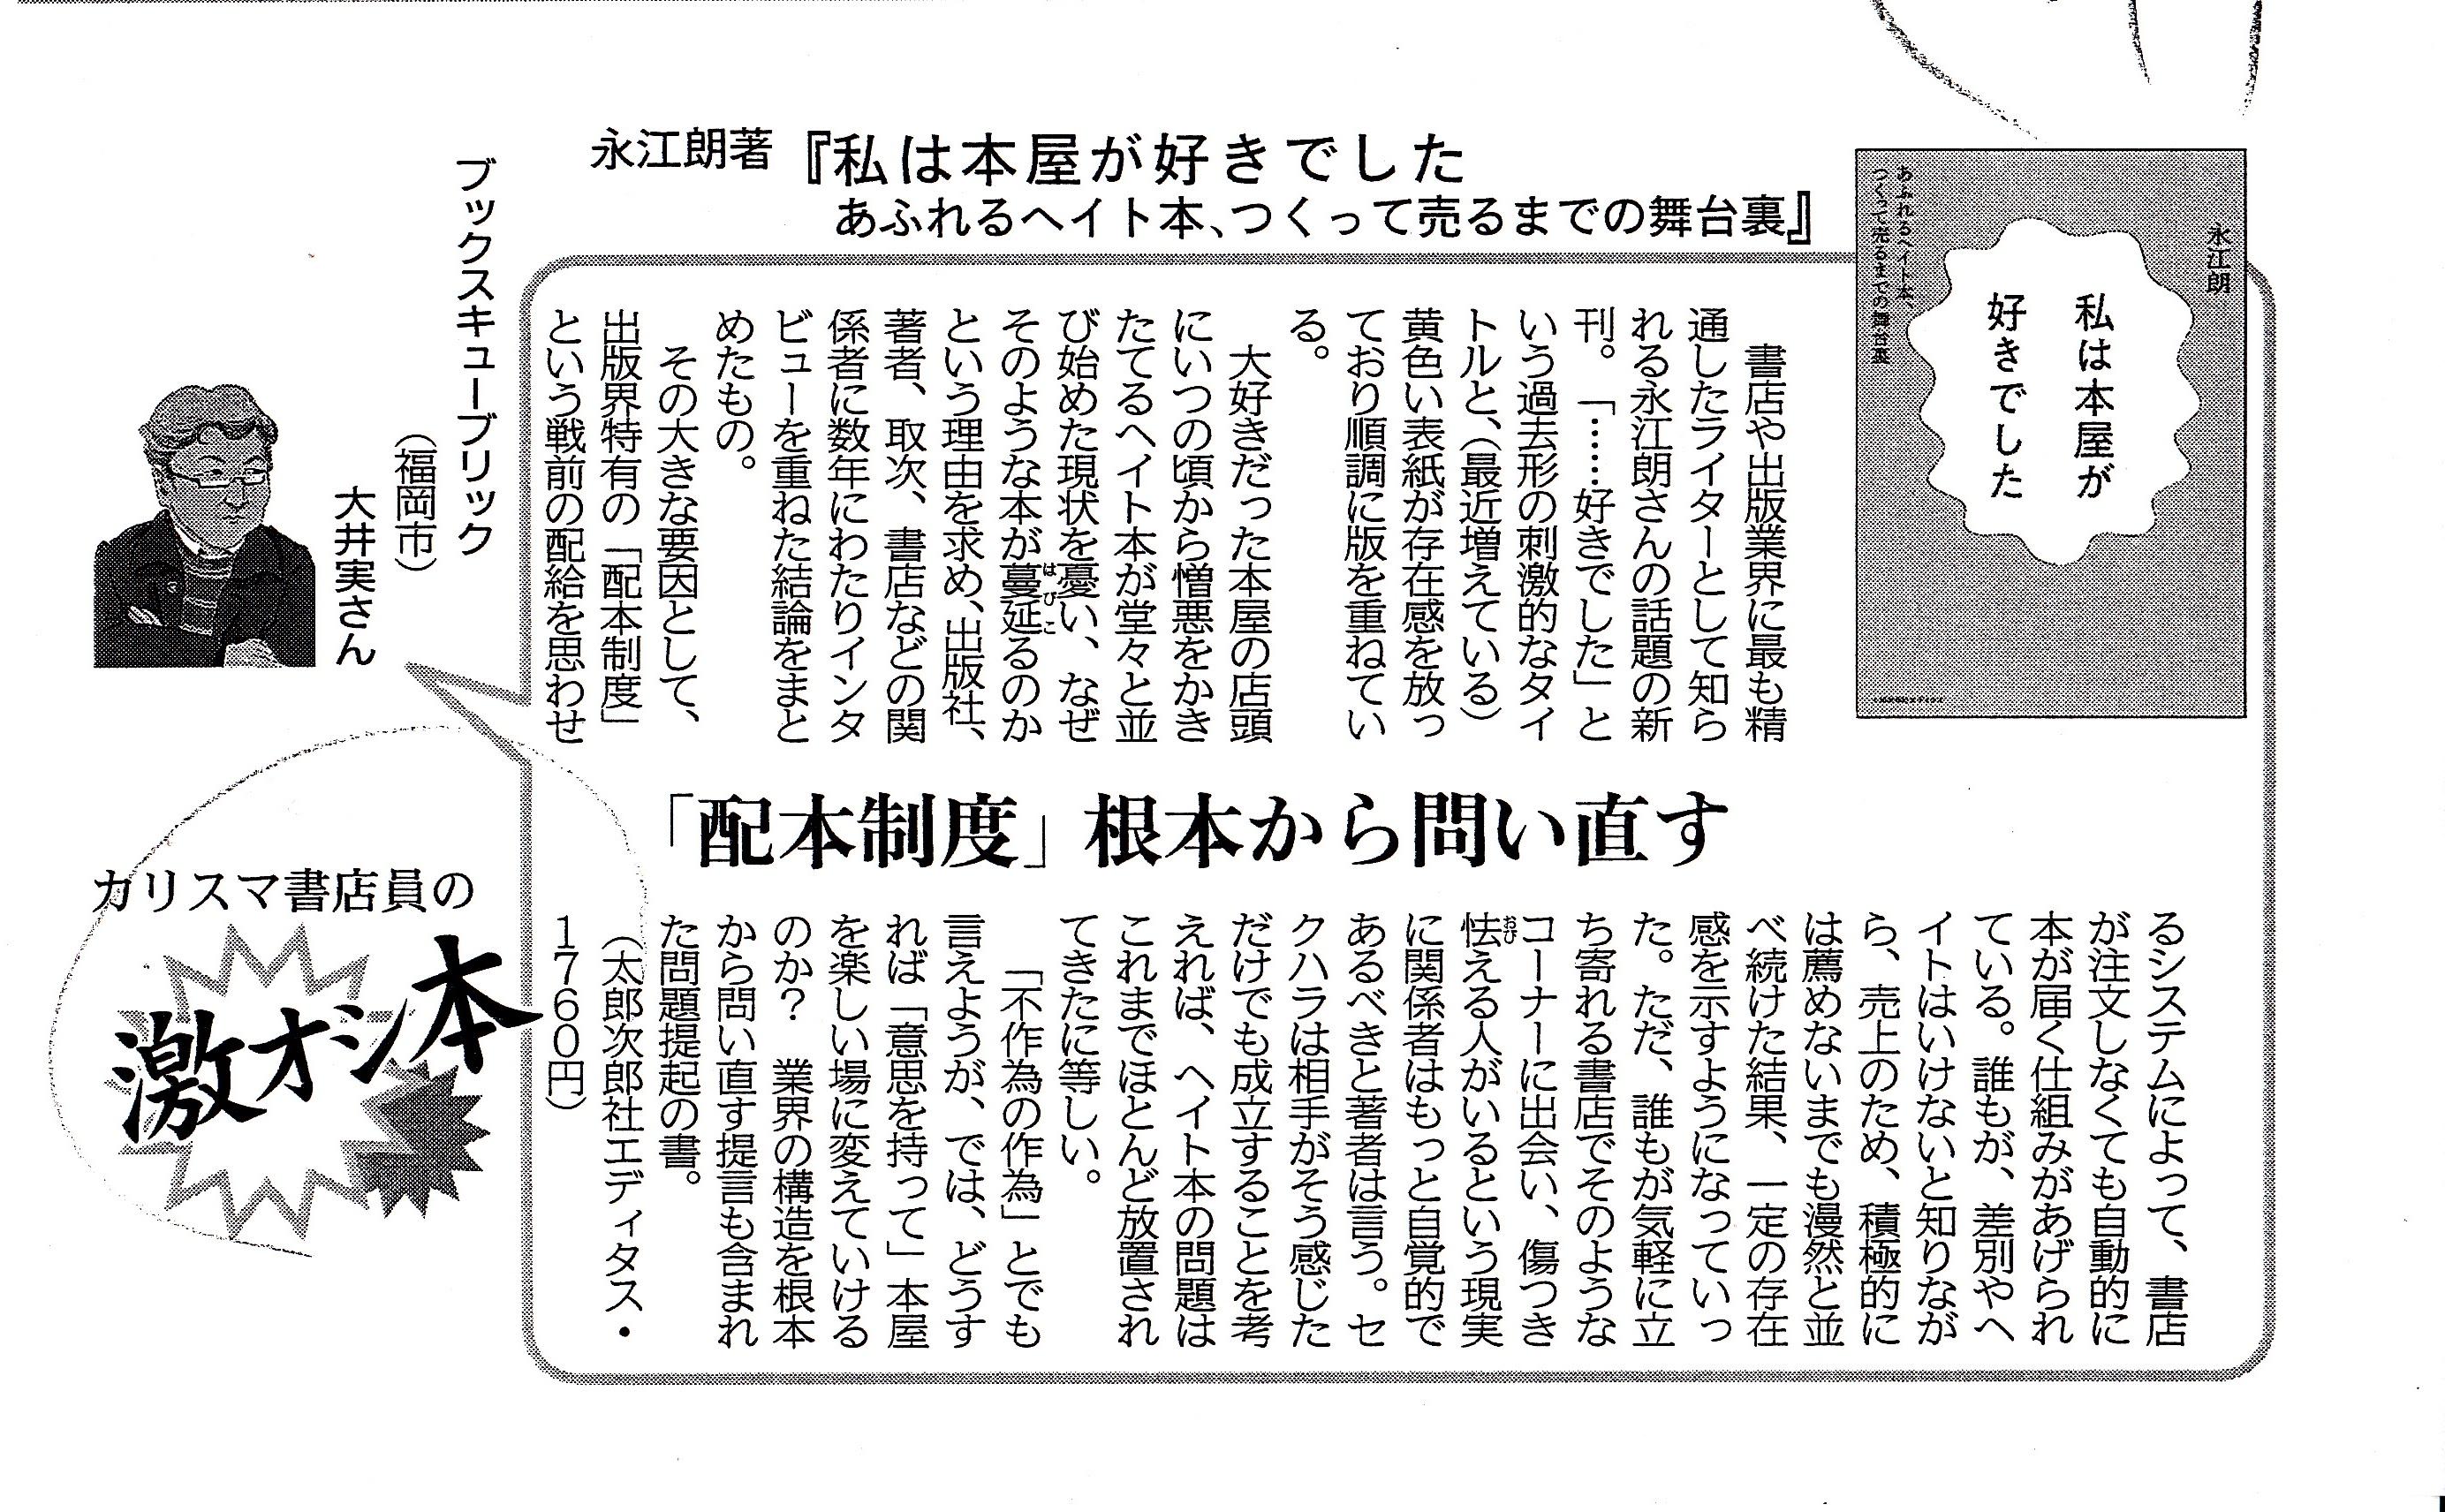 <第24回>西日本新聞「カリスマ書店員の激オシ本」に店主が寄稿しました。